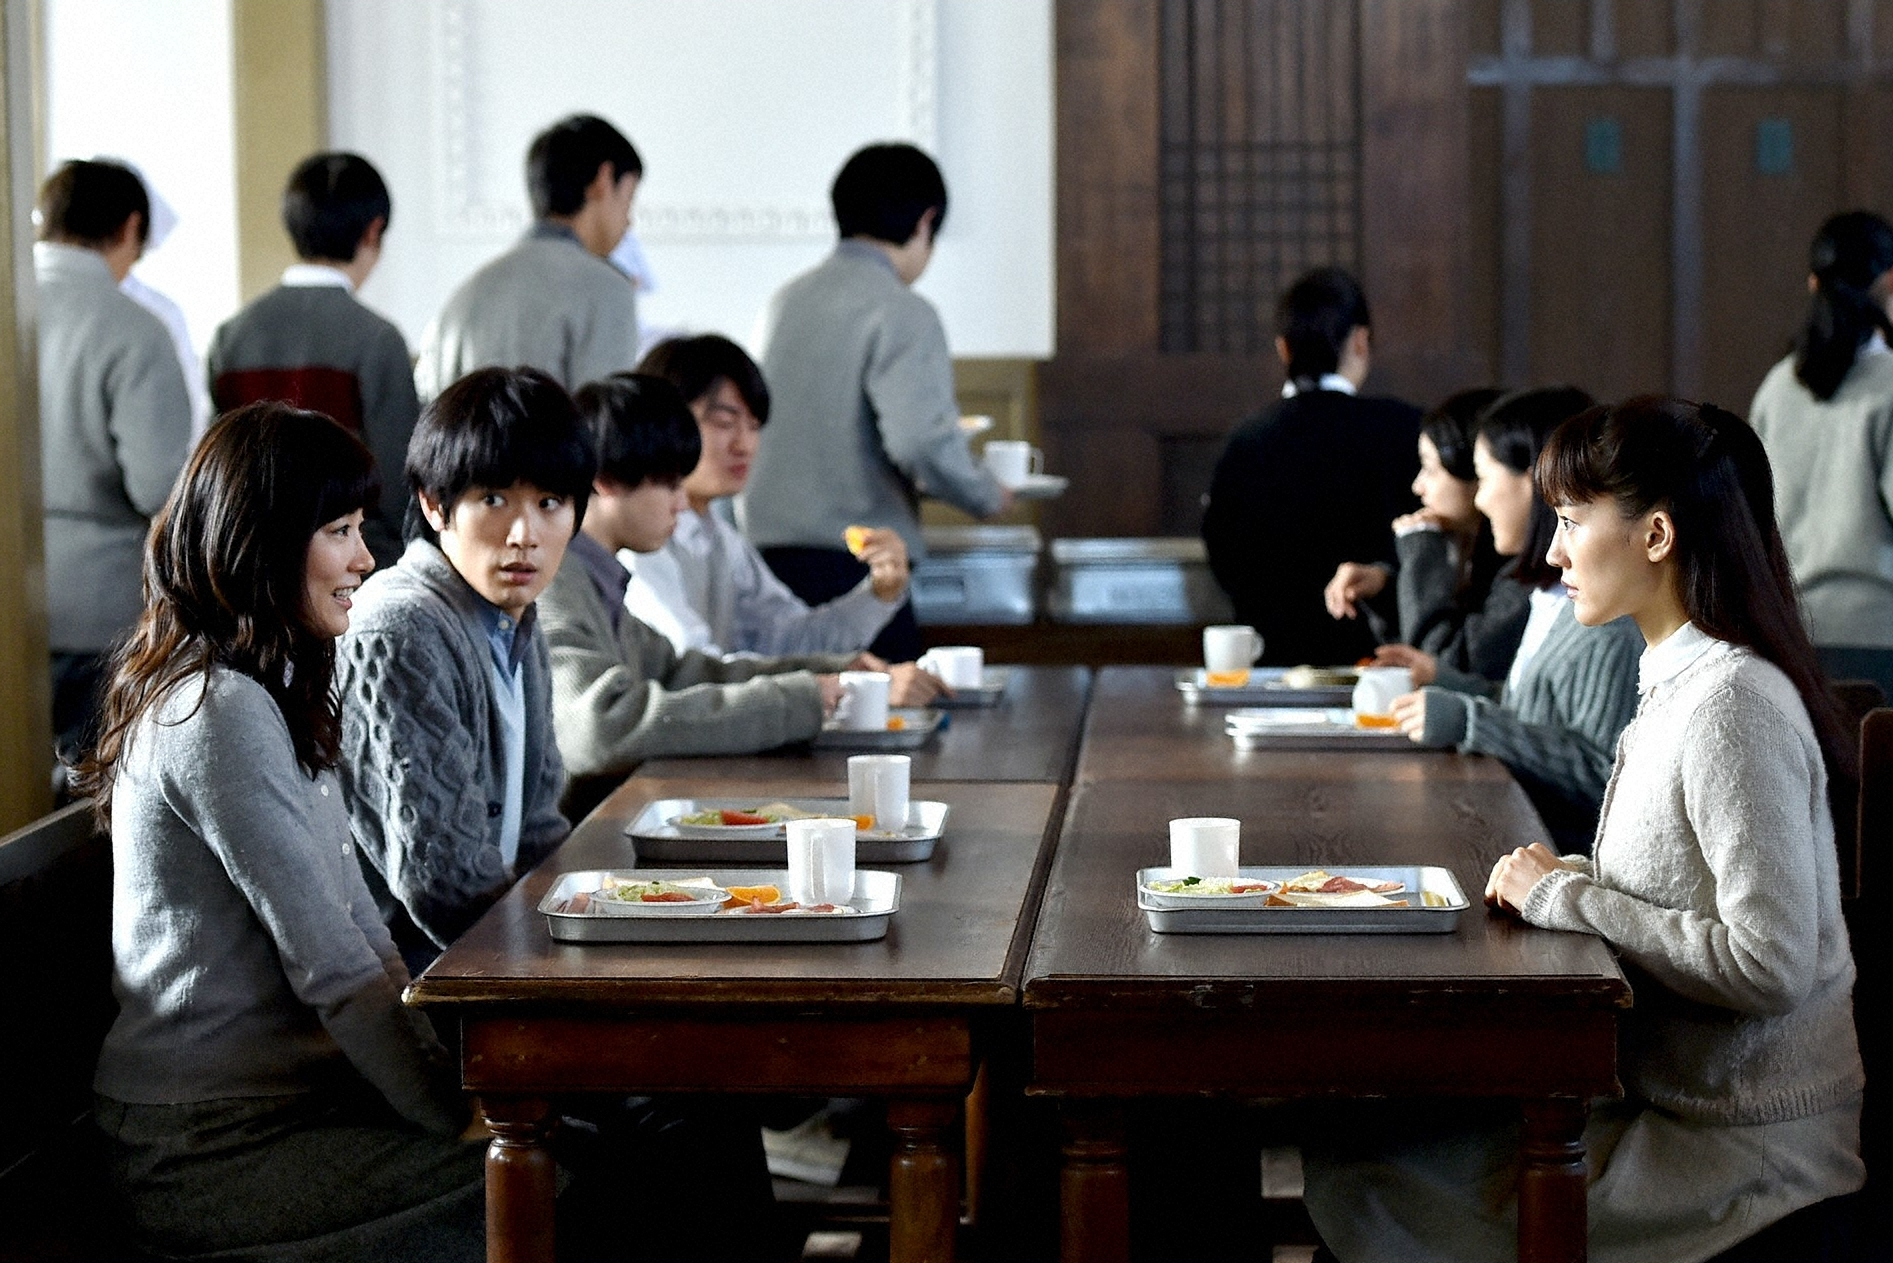 恭子(右・綾瀬はるか)、友彦(左奥・三浦春馬)、美和(左前・水川あさみ)それぞれが選ぶ進路とは? (c)TBS